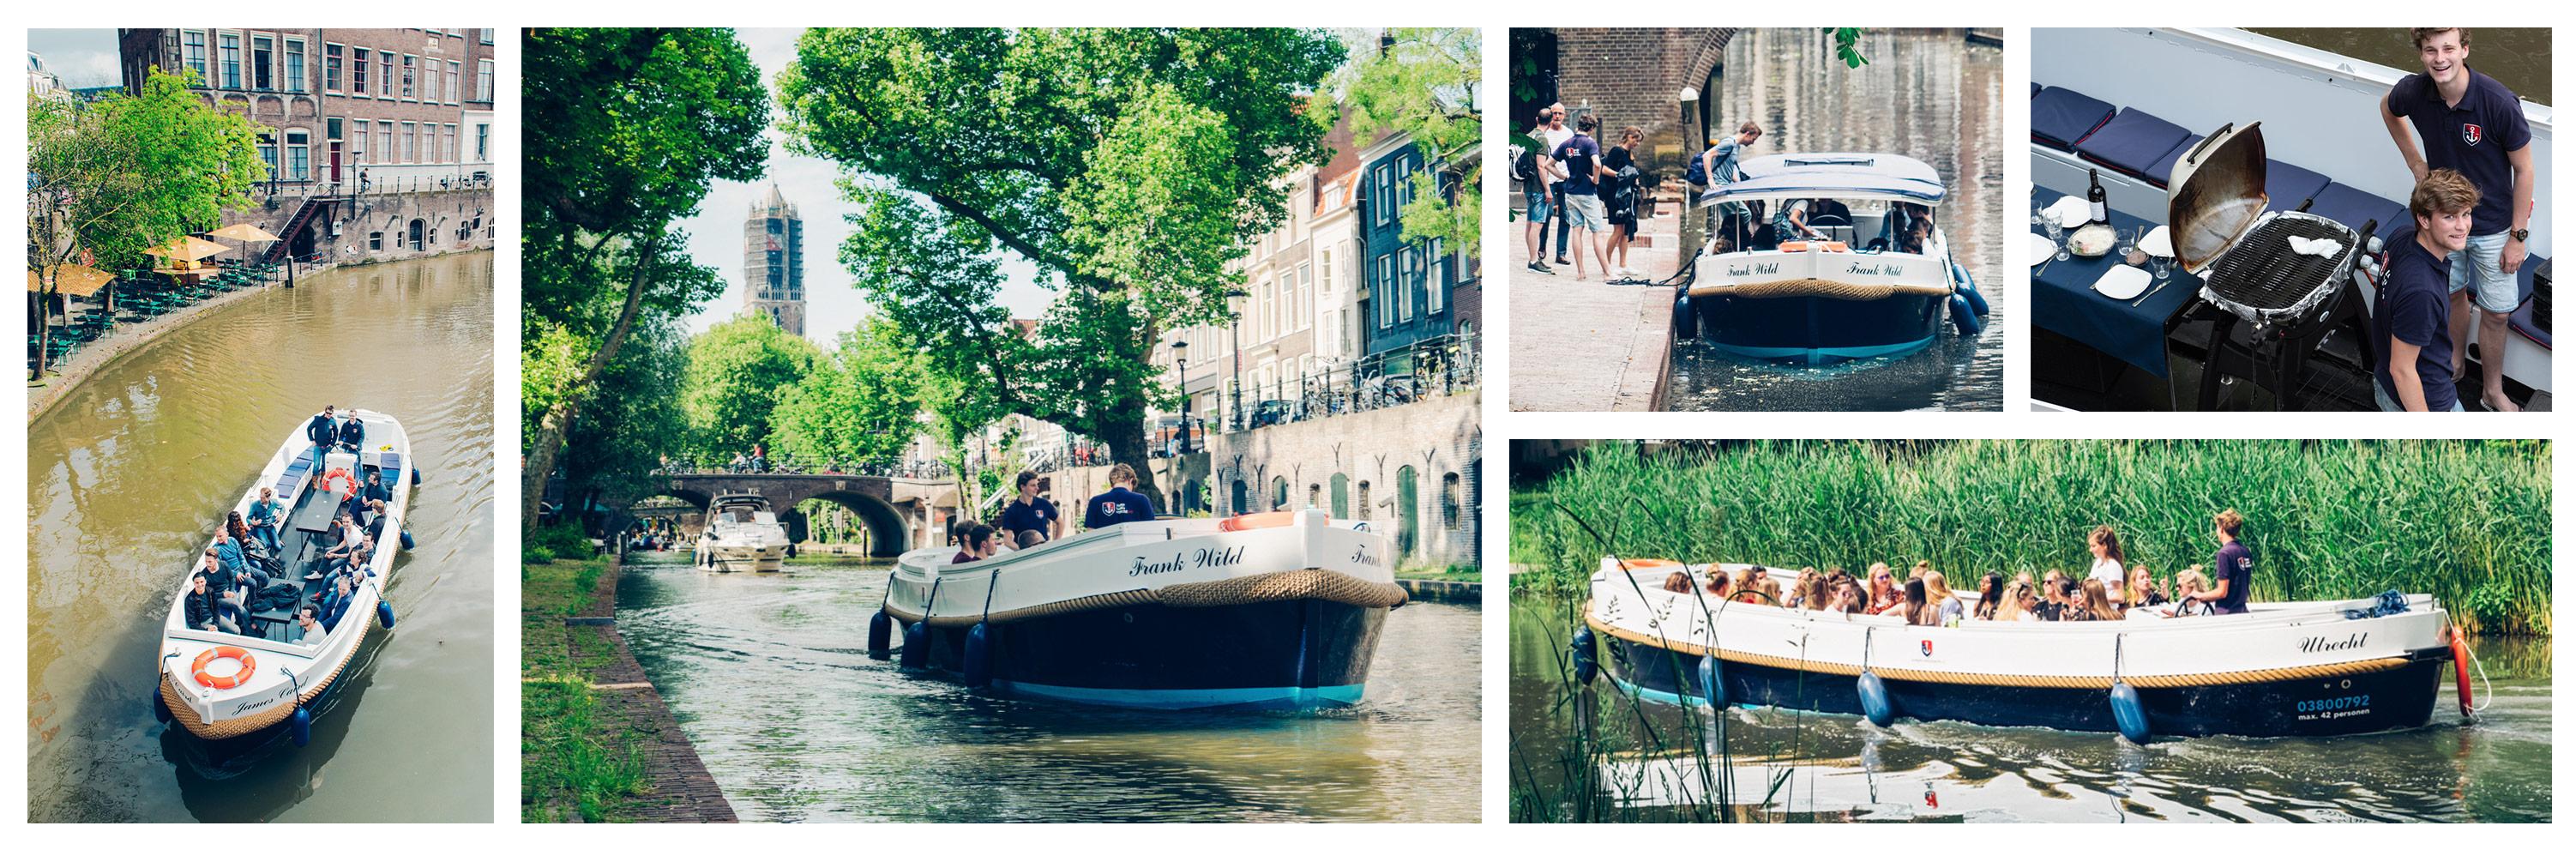 Tarieven Boot huren en varen Utrecht sloep schipper